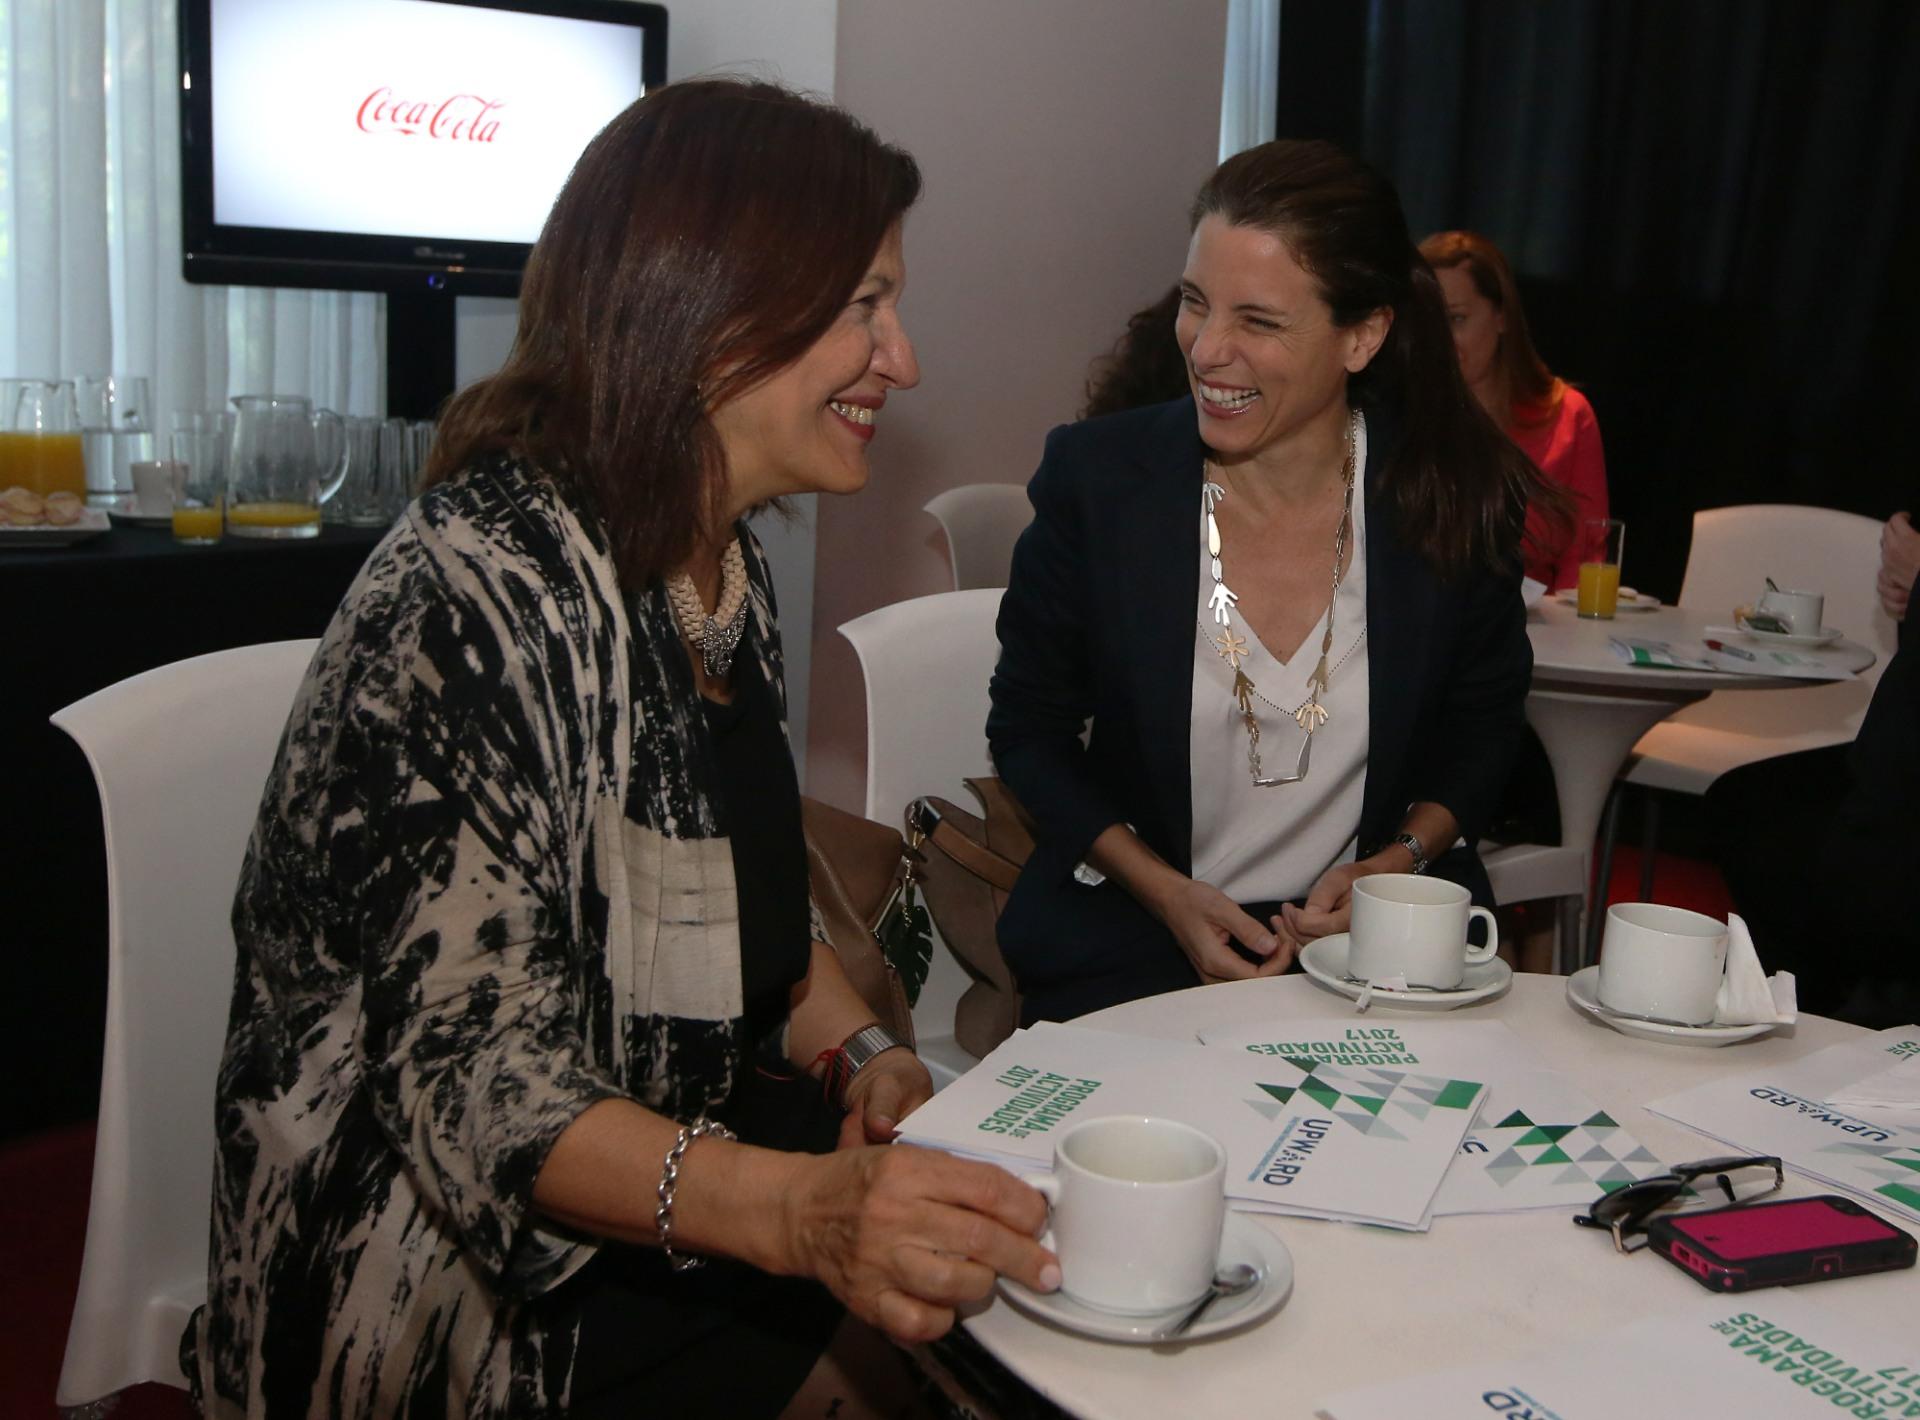 En Palermo, el evento reunió a un grupo de empresarias líderes en un rico desayuno